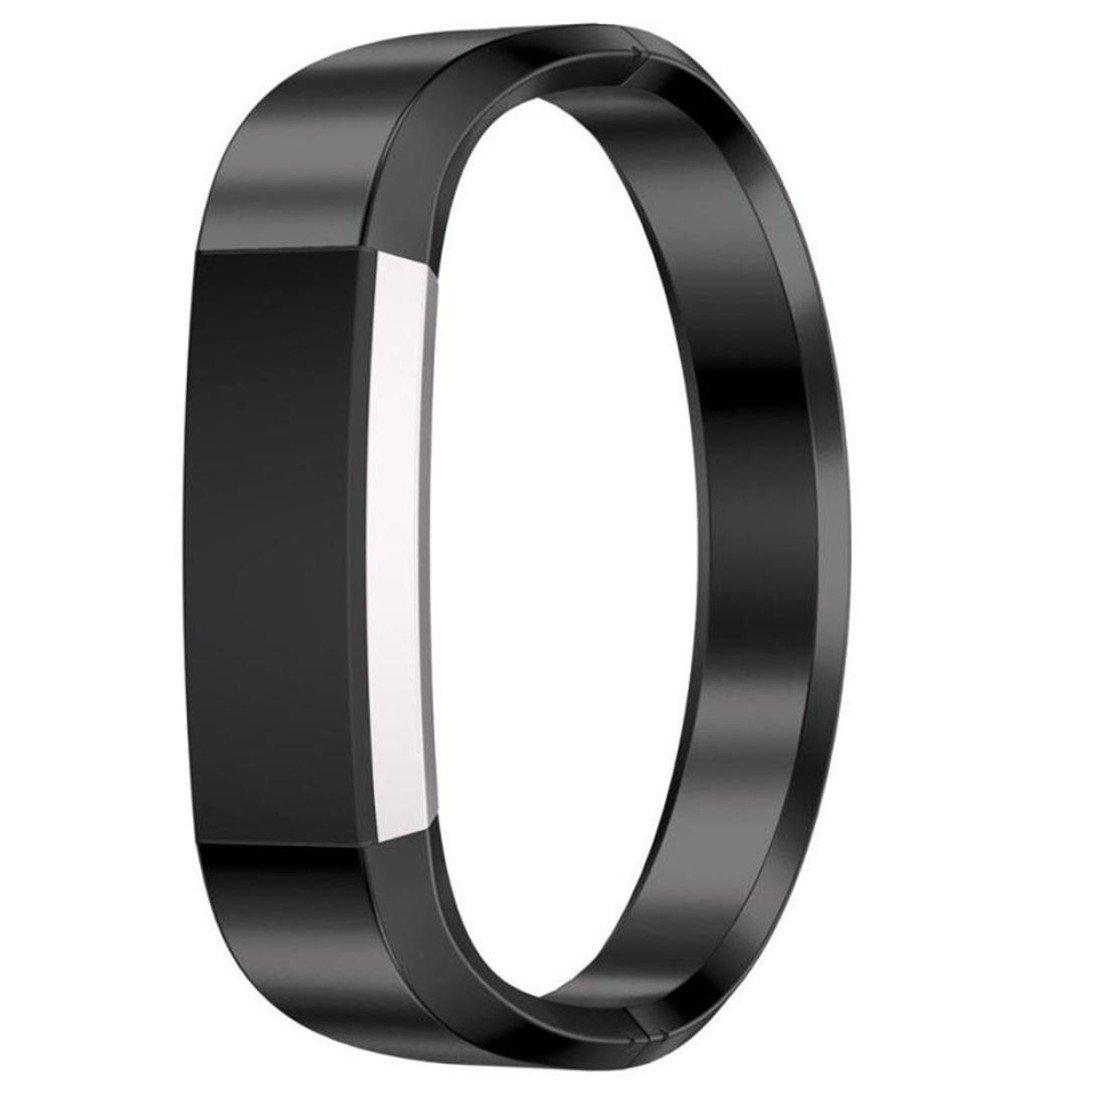 dreamythステンレススチール時計バンド手首ストラップfor Fitbit ALTA HR Smart Watch B073W4F86Y ブラック